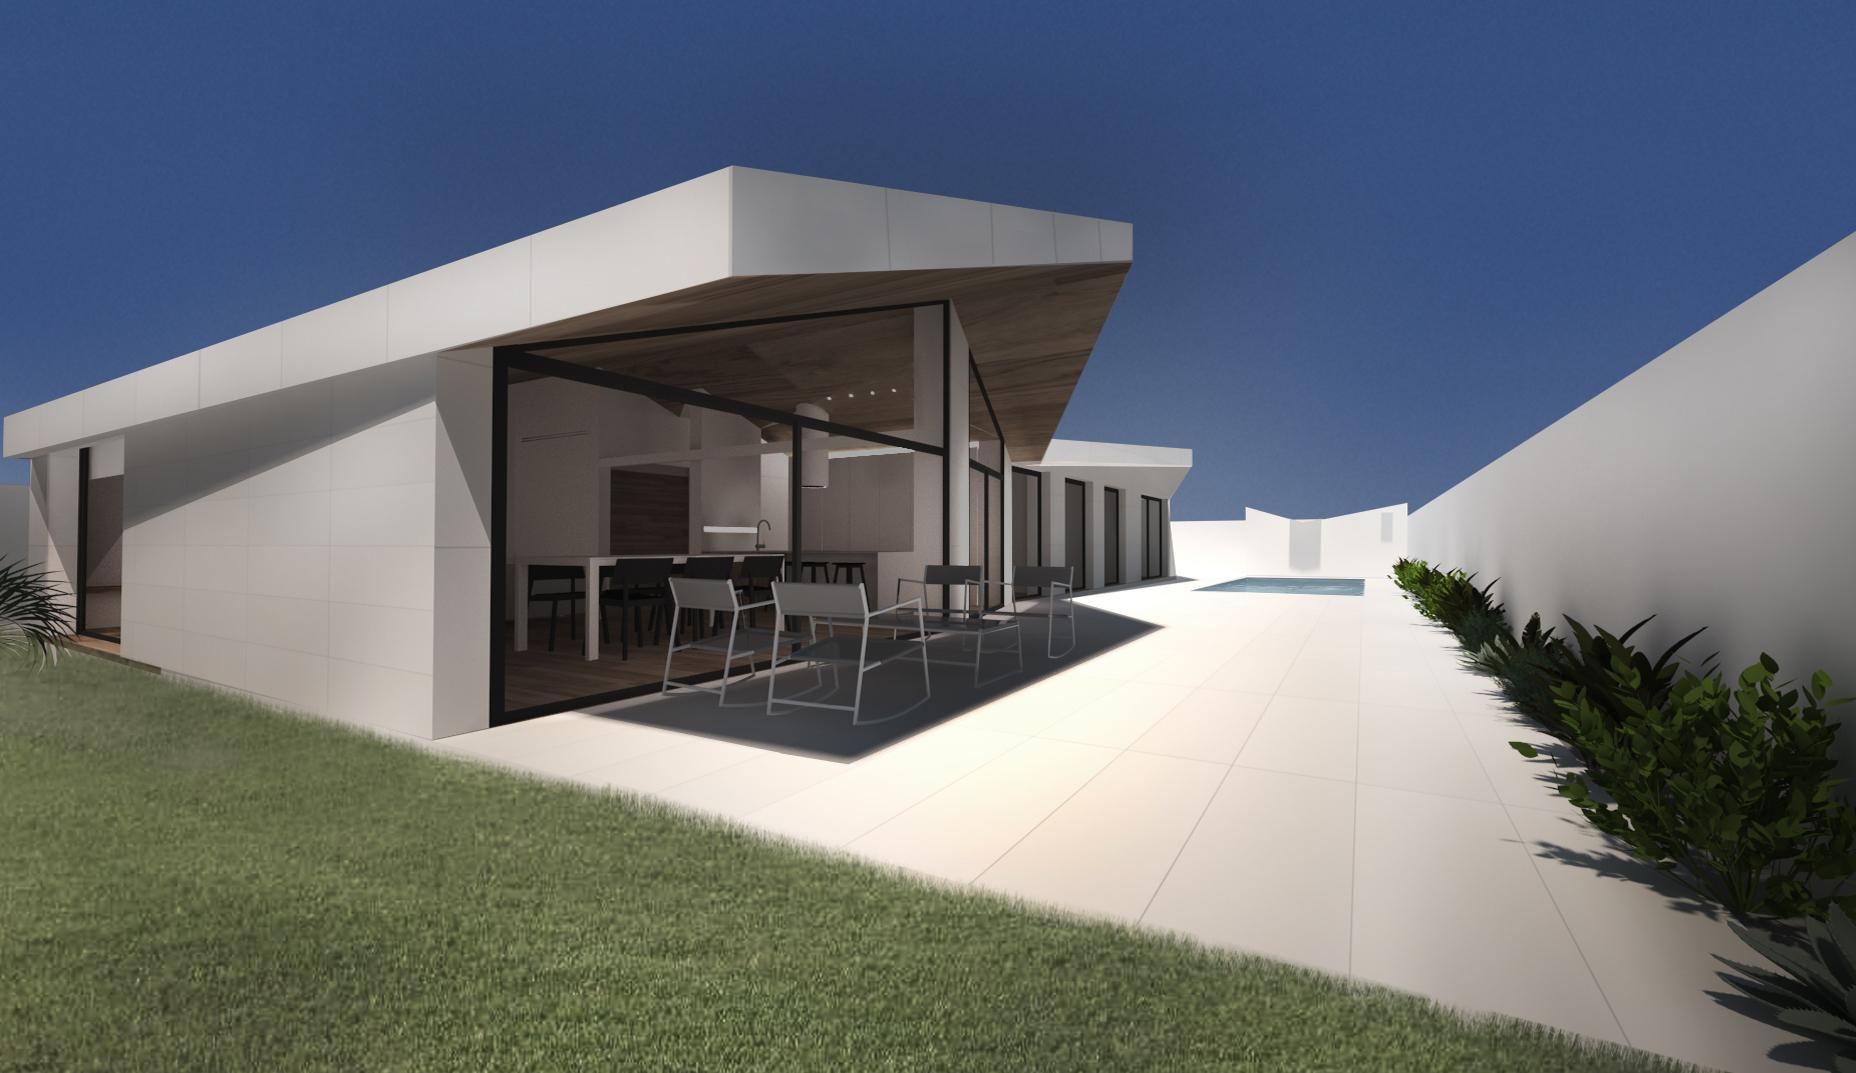 Chiralt arquitectos valenciaoxigen chiralt arquitectos for Arquitectos valencia